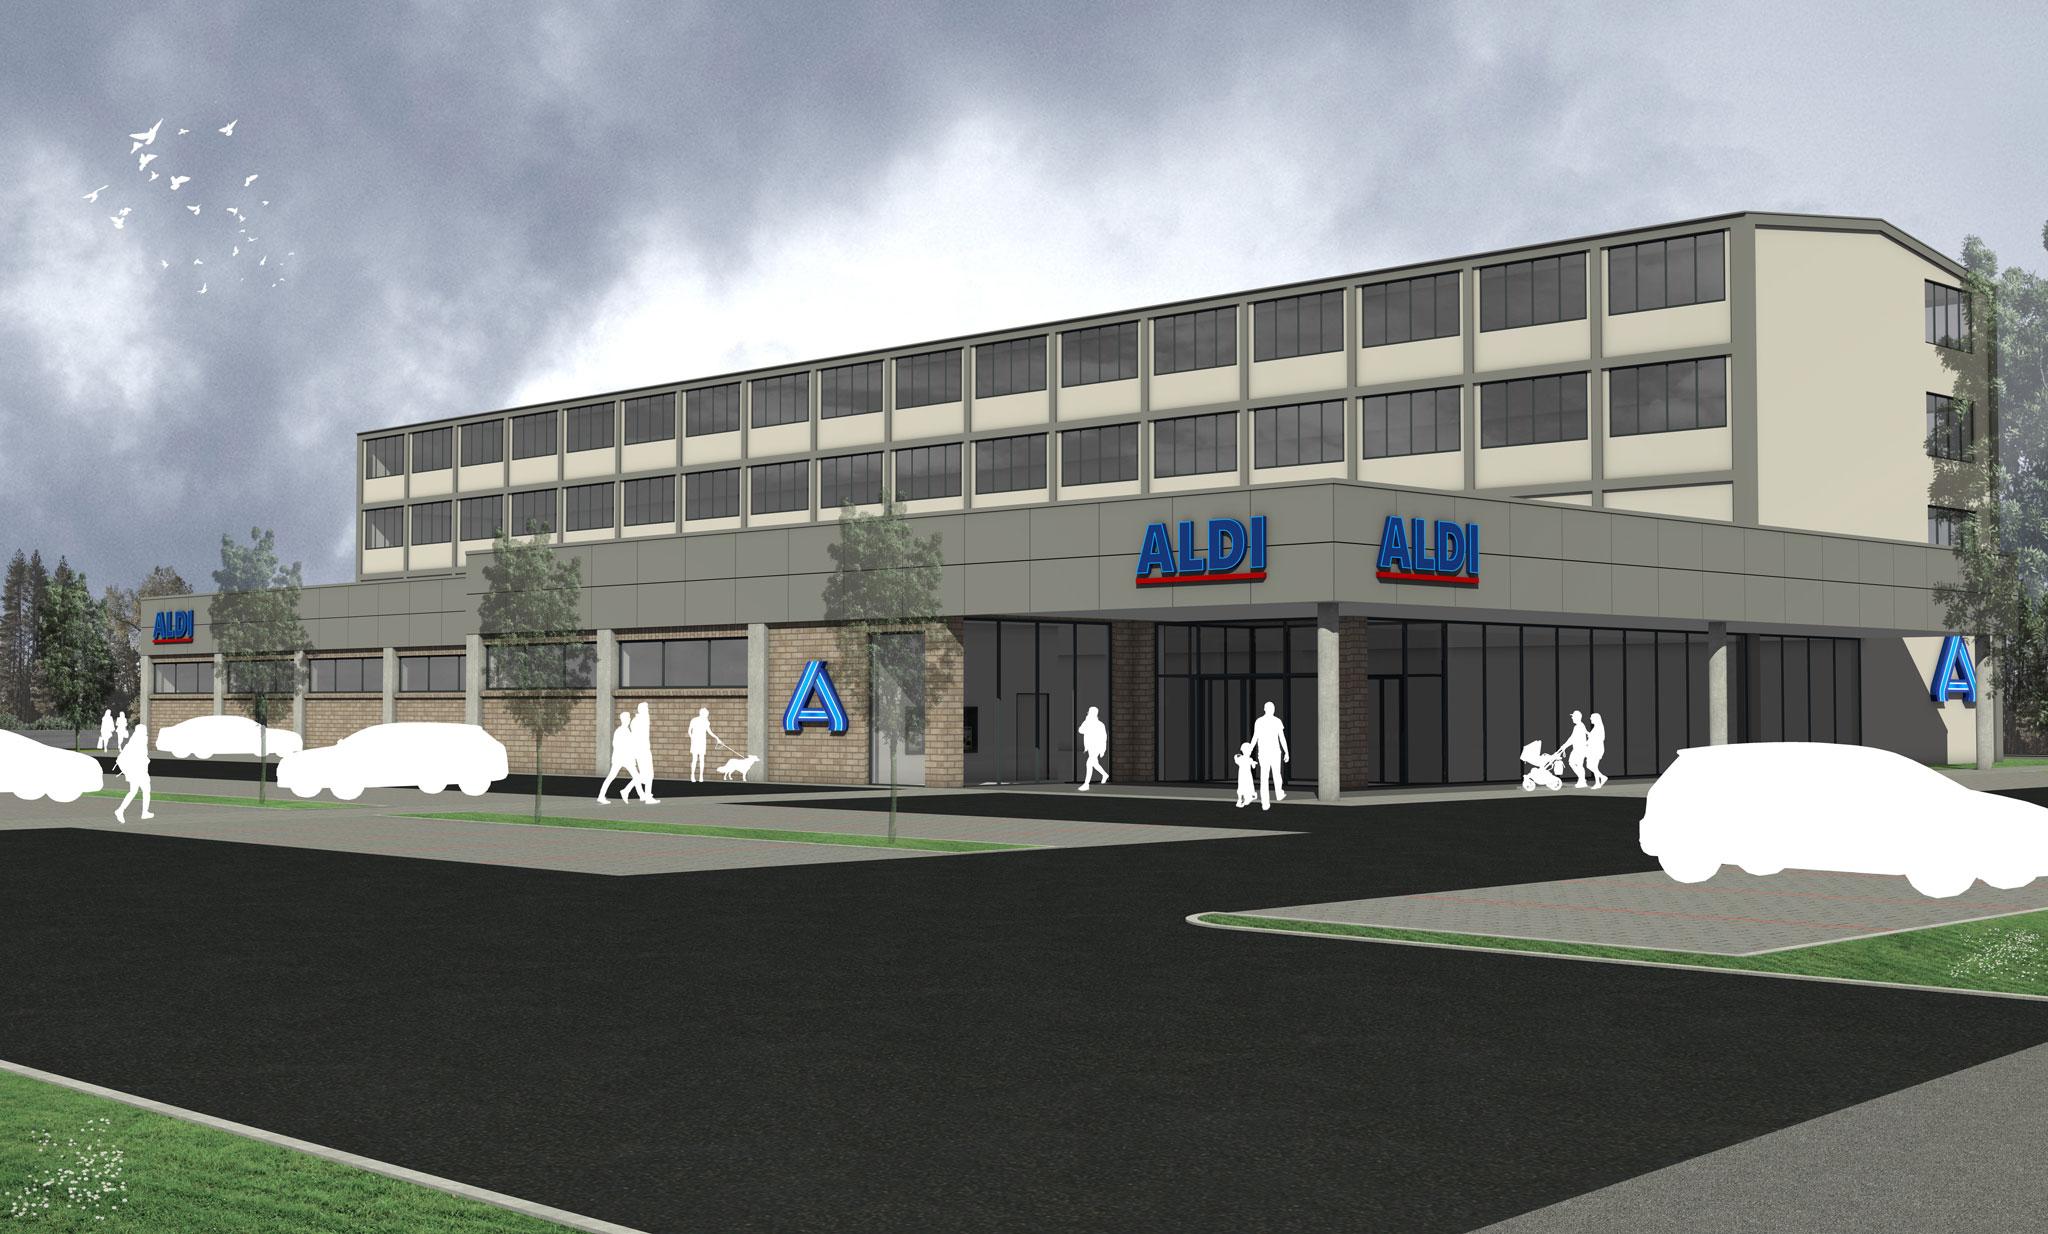 ALDI-Markt Hauptstraße 49-61, Rheda-Wiedenbrück